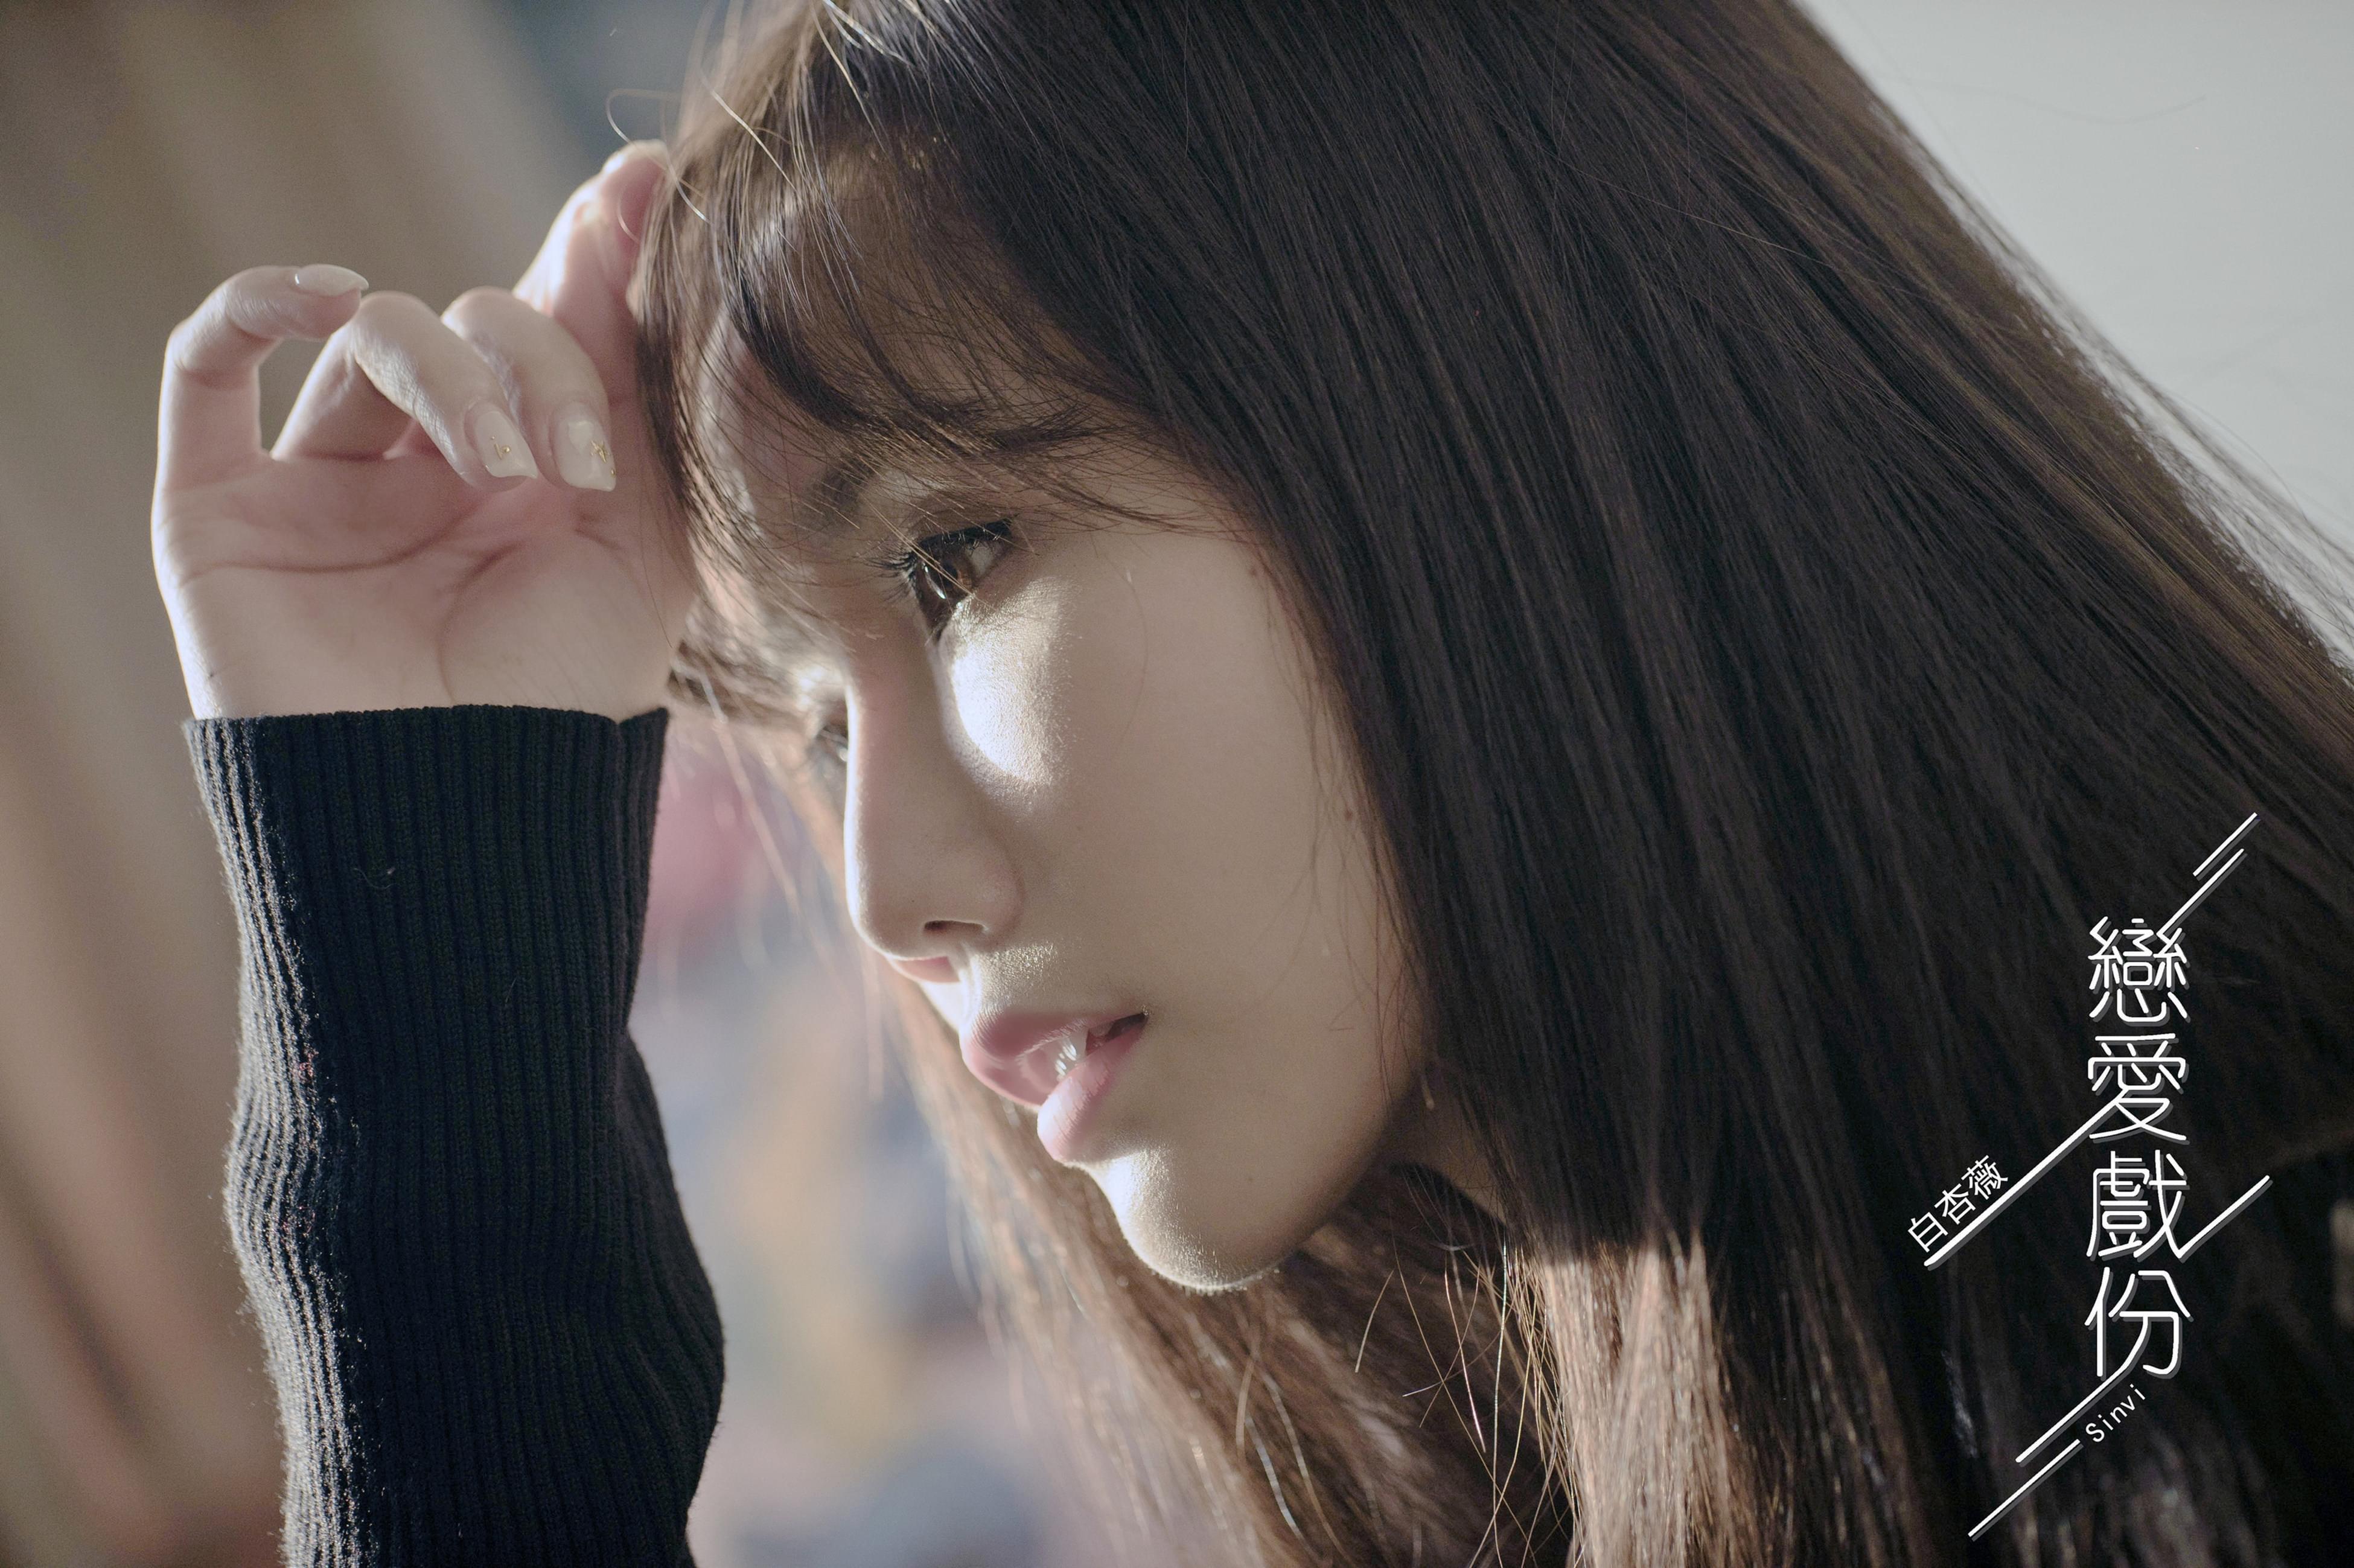 白杏薇首秀粤语歌《恋爱戏份》 失恋伤感曲调蔓延